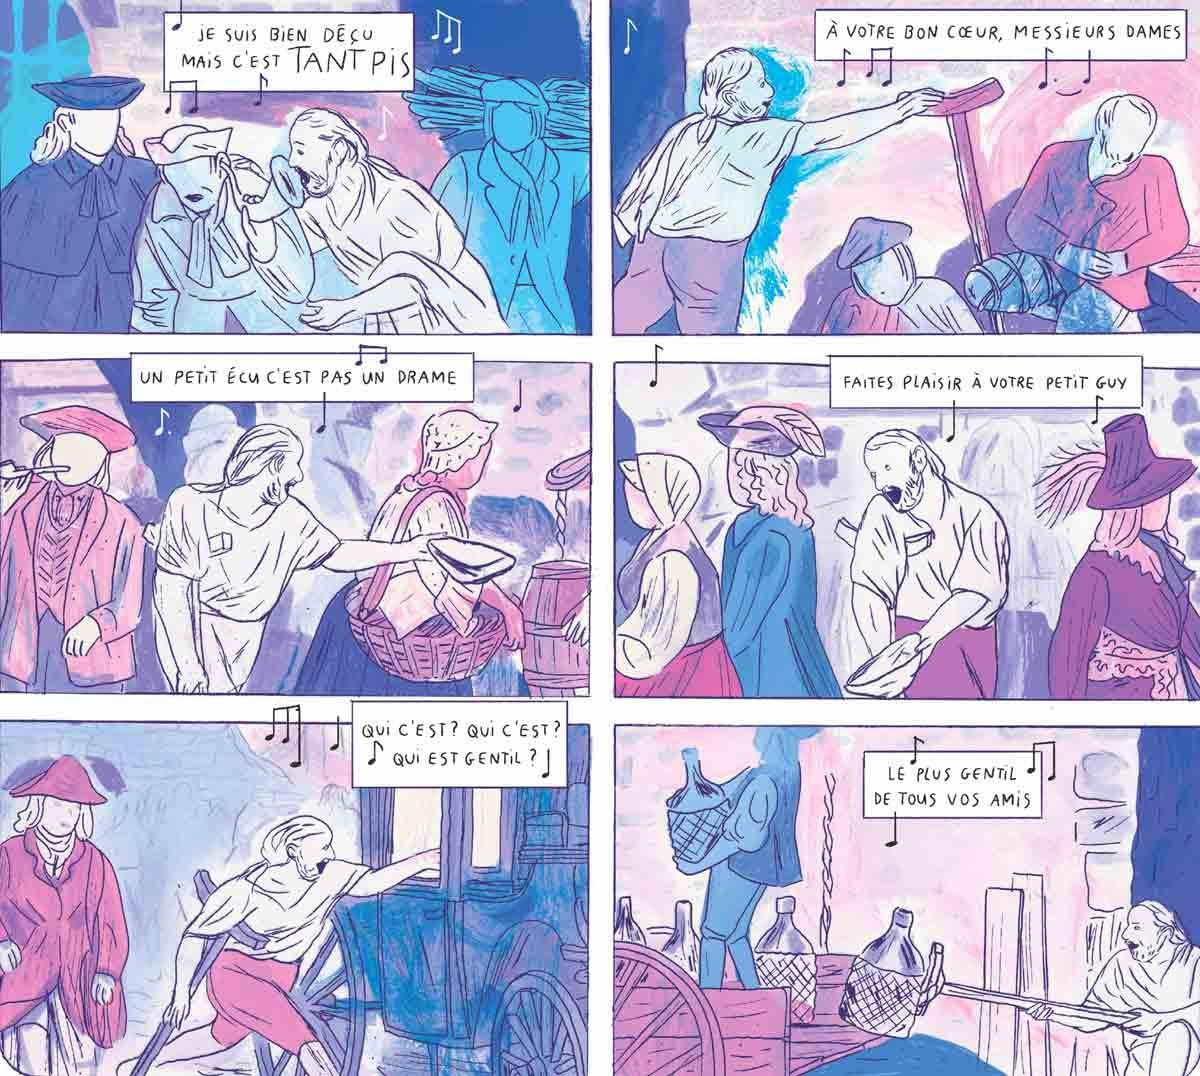 Golem On Twitter Viñetas De Guy Retrato De Bebedor De Ruppert Mulot Https T Co E58zhlt7l5 Comic Novelagrafica Historieta